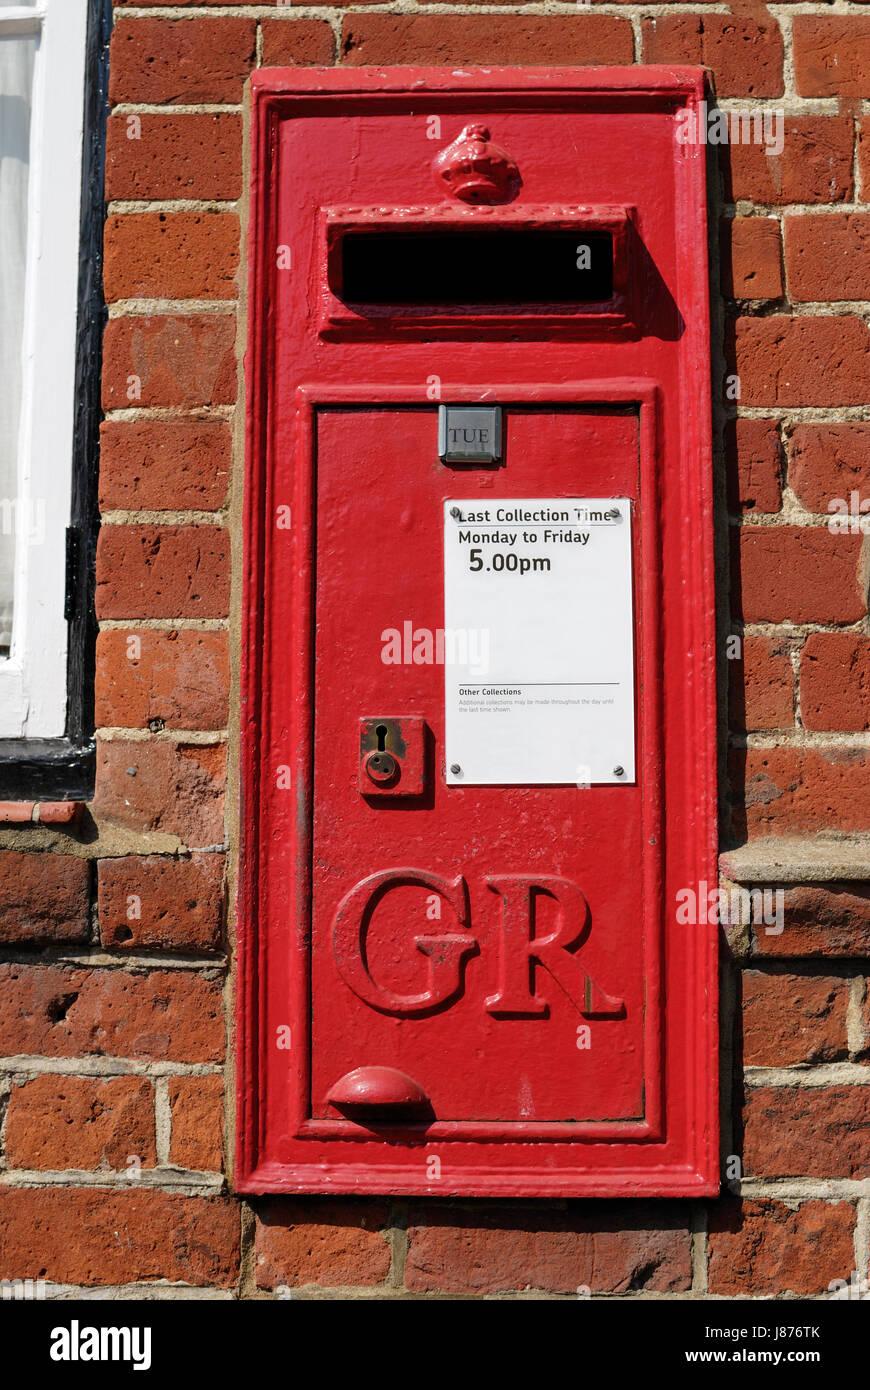 Postfach Mauer Ziegel Englisch Rot Eisen British Sperre